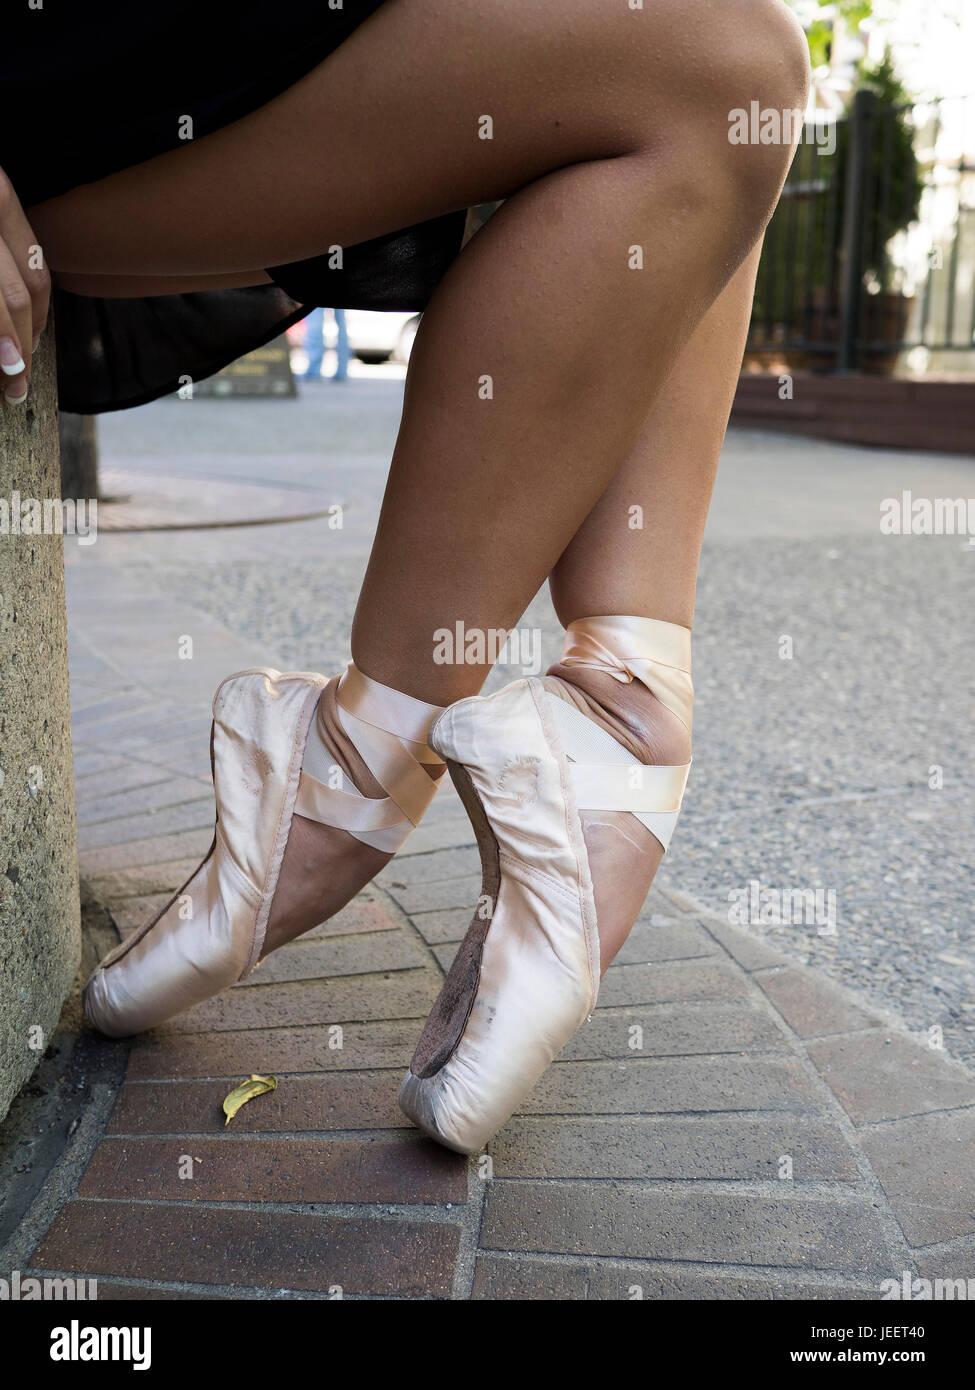 4d4321fa6 Feet En Pointe Ballet Imágenes De Stock & Feet En Pointe Ballet ...